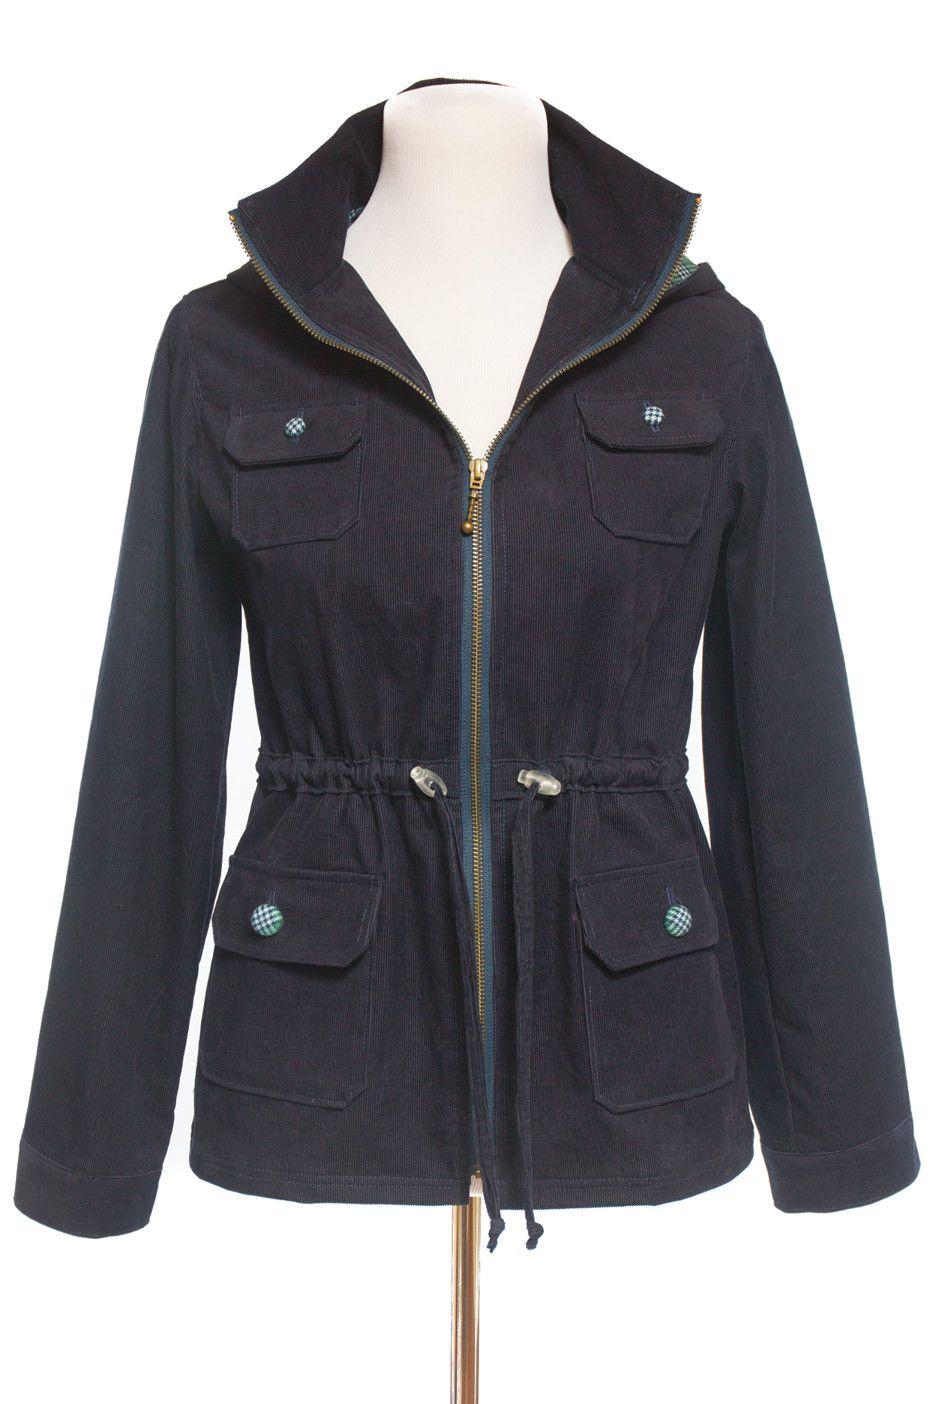 Lonetree Jacket Sewing Pattern by Allie Olson | Jacke nähen ...